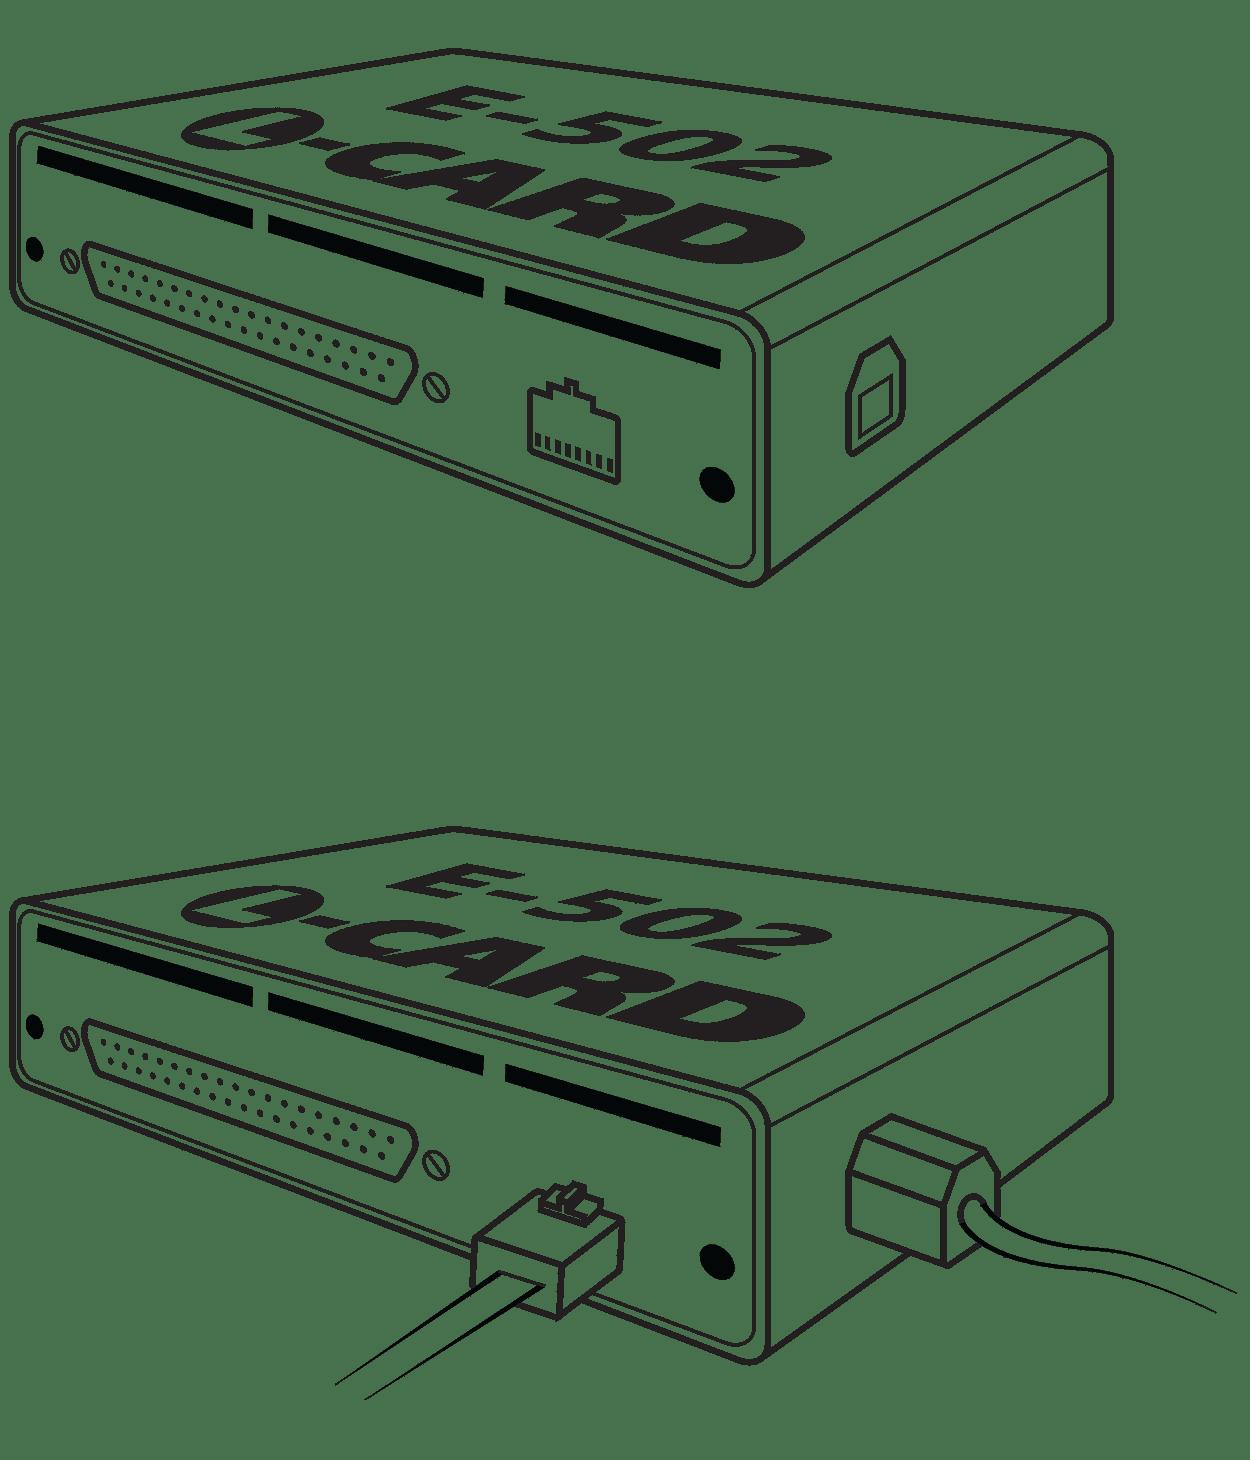 E-502 многофункционый внешний модуль АЦП / ЦАП с интерфейсами ethernet и USB